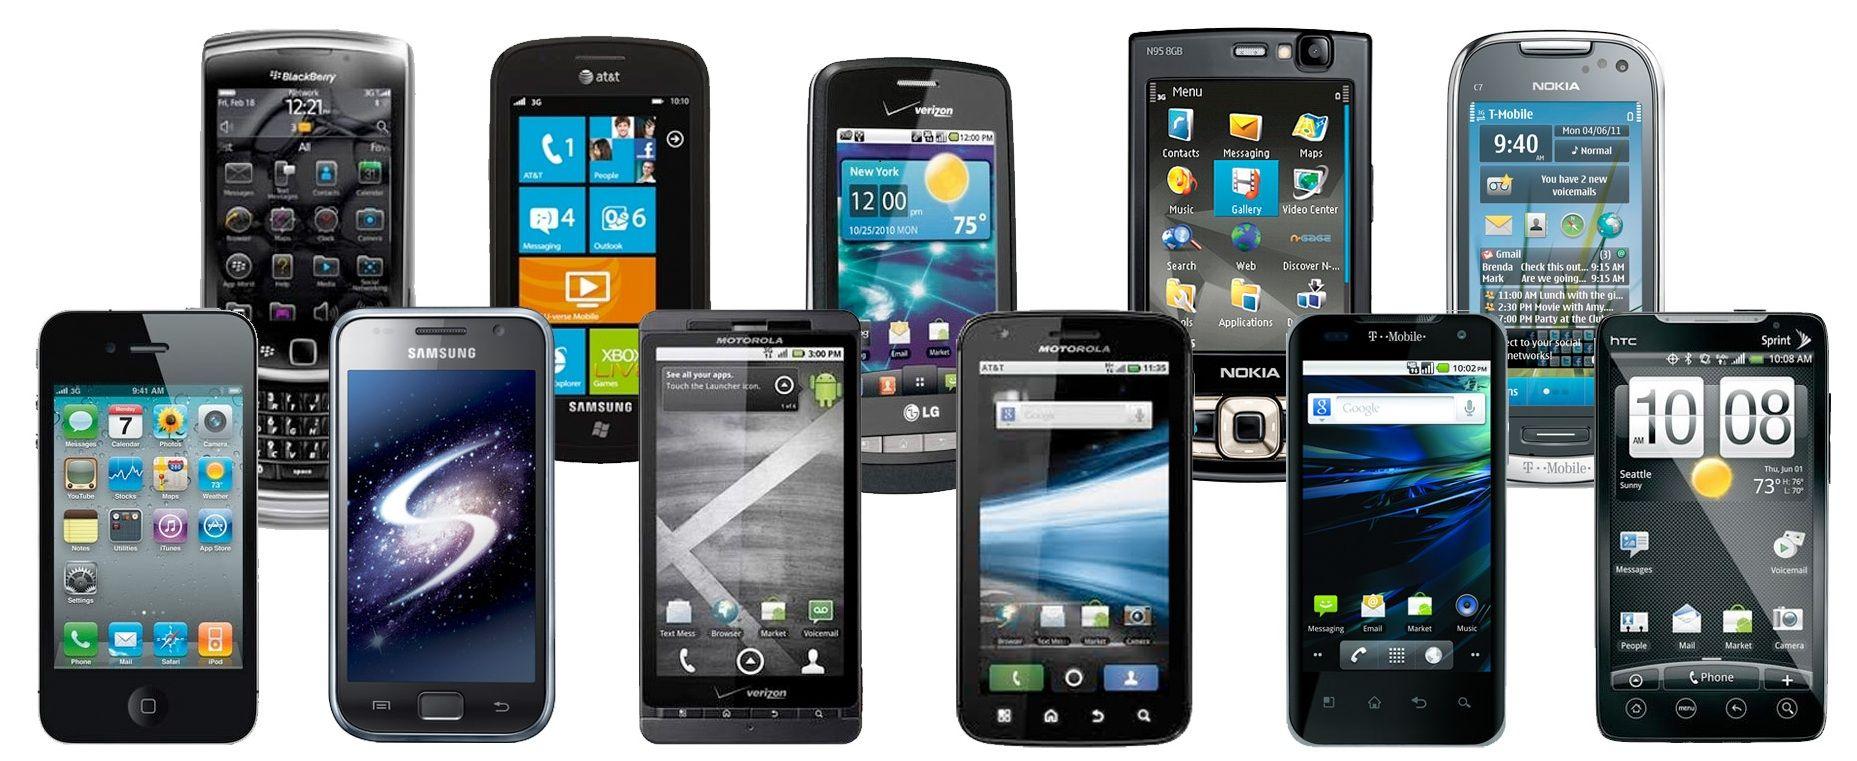 come rintracciare un iphone perso